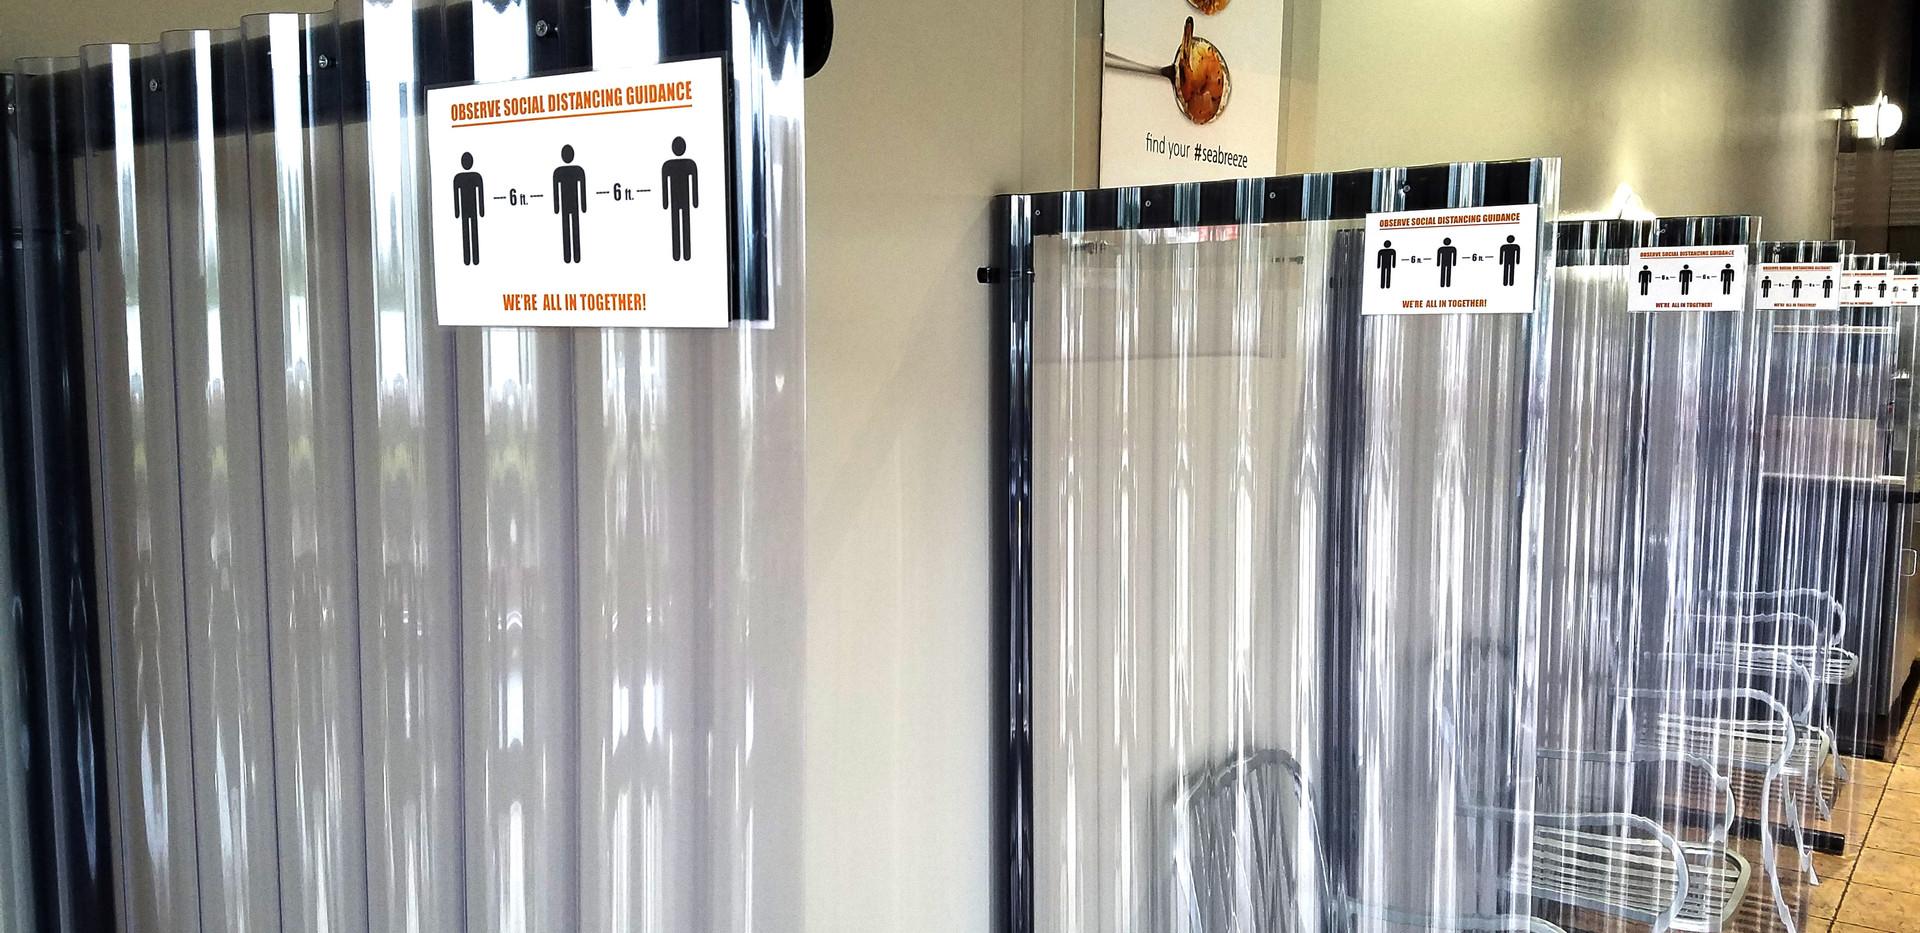 Splash guard partitions